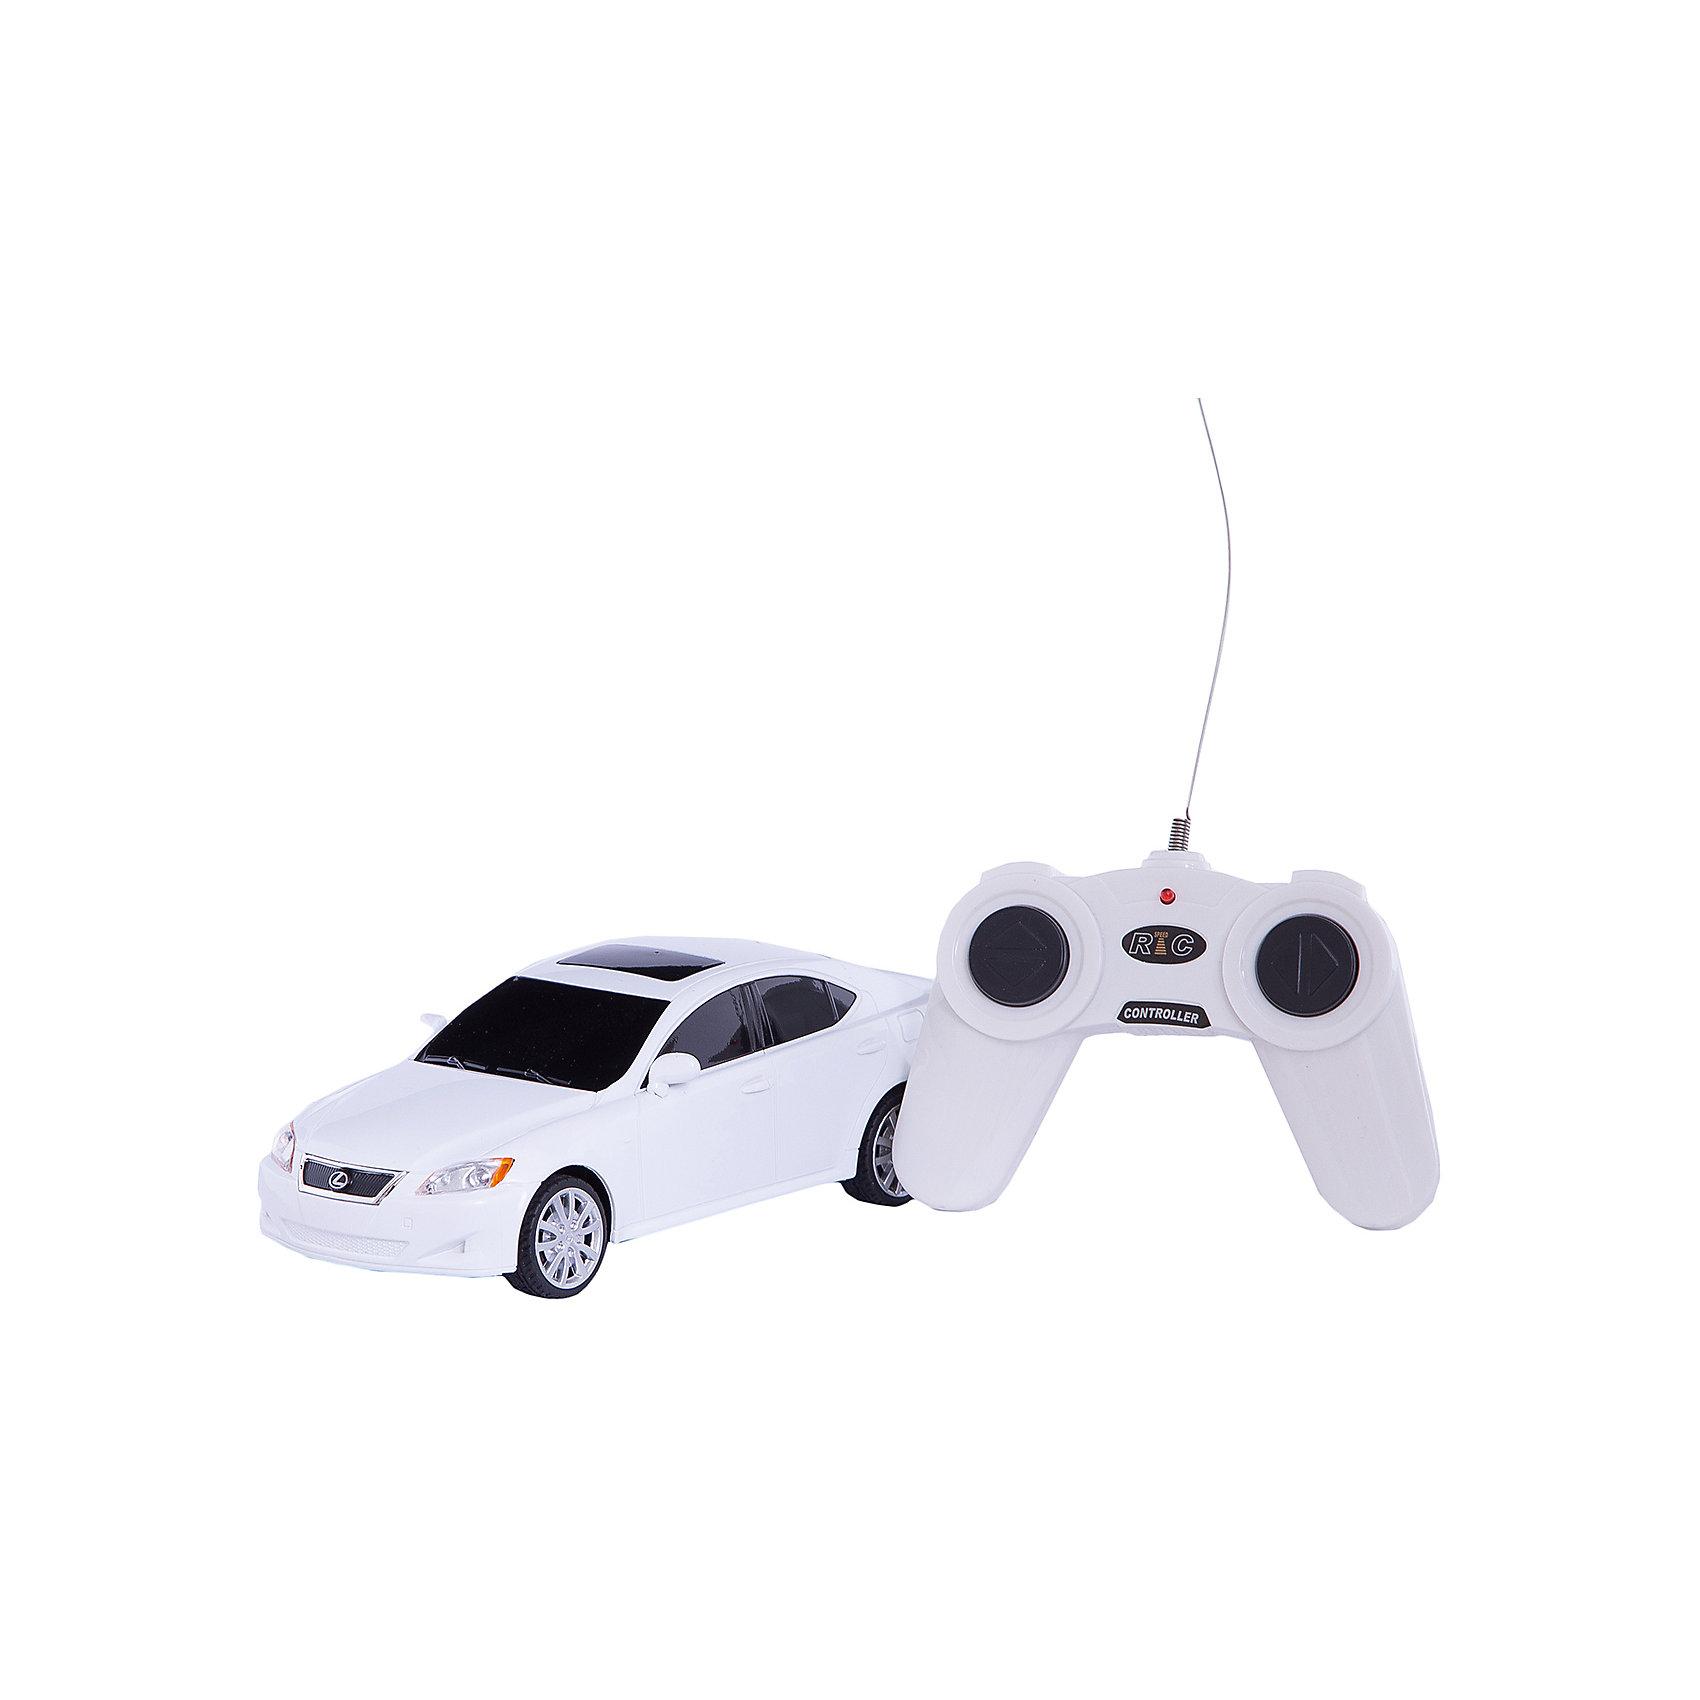 Машина LEXUS IS 350, 1:24, со светом, р/у, RASTAR, белыйКрасивый и стильный автомобиль представительского класса, выполненный в масштабе 1:18 приведет в восторг любого мальчишку! Машина прекрасно детализирована, очень похожа на настоящий автомобиль, развивает скорость до 7 км/ч. Модель имеет четыре направления движения: вперед, назад, вправо и влево, работающие  задние огни и стоп-сигналы.   Дополнительная информация:  - Материал: пластик, металл. - Размер: 19,2 х 8,3 х 6 см.  - Максимальная скорость 7 км/ч. - Время непрерывной работы: 45 мин. - Масштаб: 1:24. - Комплектация: машинка; пульт управления. - Звуковые и световые эффекты. - Элемент питания: 5 ААА батареек, 1 крона (в комплект не входят). - Дистанция управления: до 45 м. Машину LEXUS IS 350, 1:24, со светом, р/у, RASTAR можно купить в нашем магазине.<br><br>Ширина мм: 130<br>Глубина мм: 270<br>Высота мм: 110<br>Вес г: 450<br>Возраст от месяцев: 36<br>Возраст до месяцев: 144<br>Пол: Мужской<br>Возраст: Детский<br>SKU: 4838274